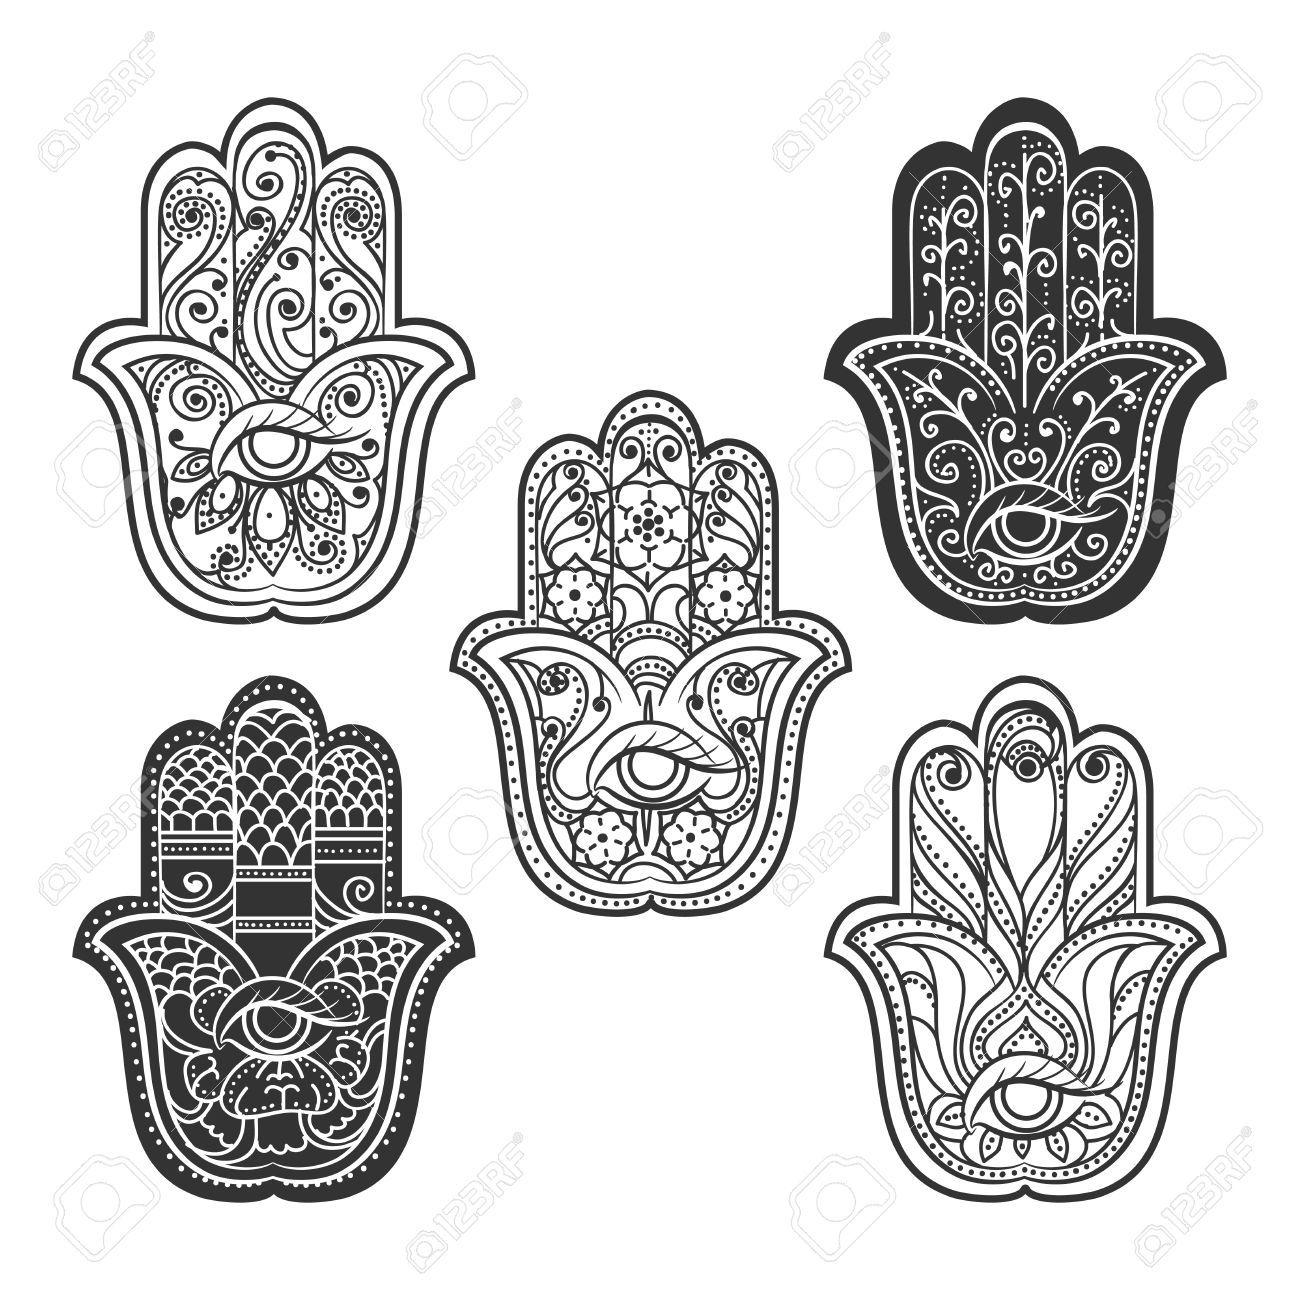 indian hamsa hand mit auge spiritual ethnischen ornament vektor illustration lizenzfrei. Black Bedroom Furniture Sets. Home Design Ideas